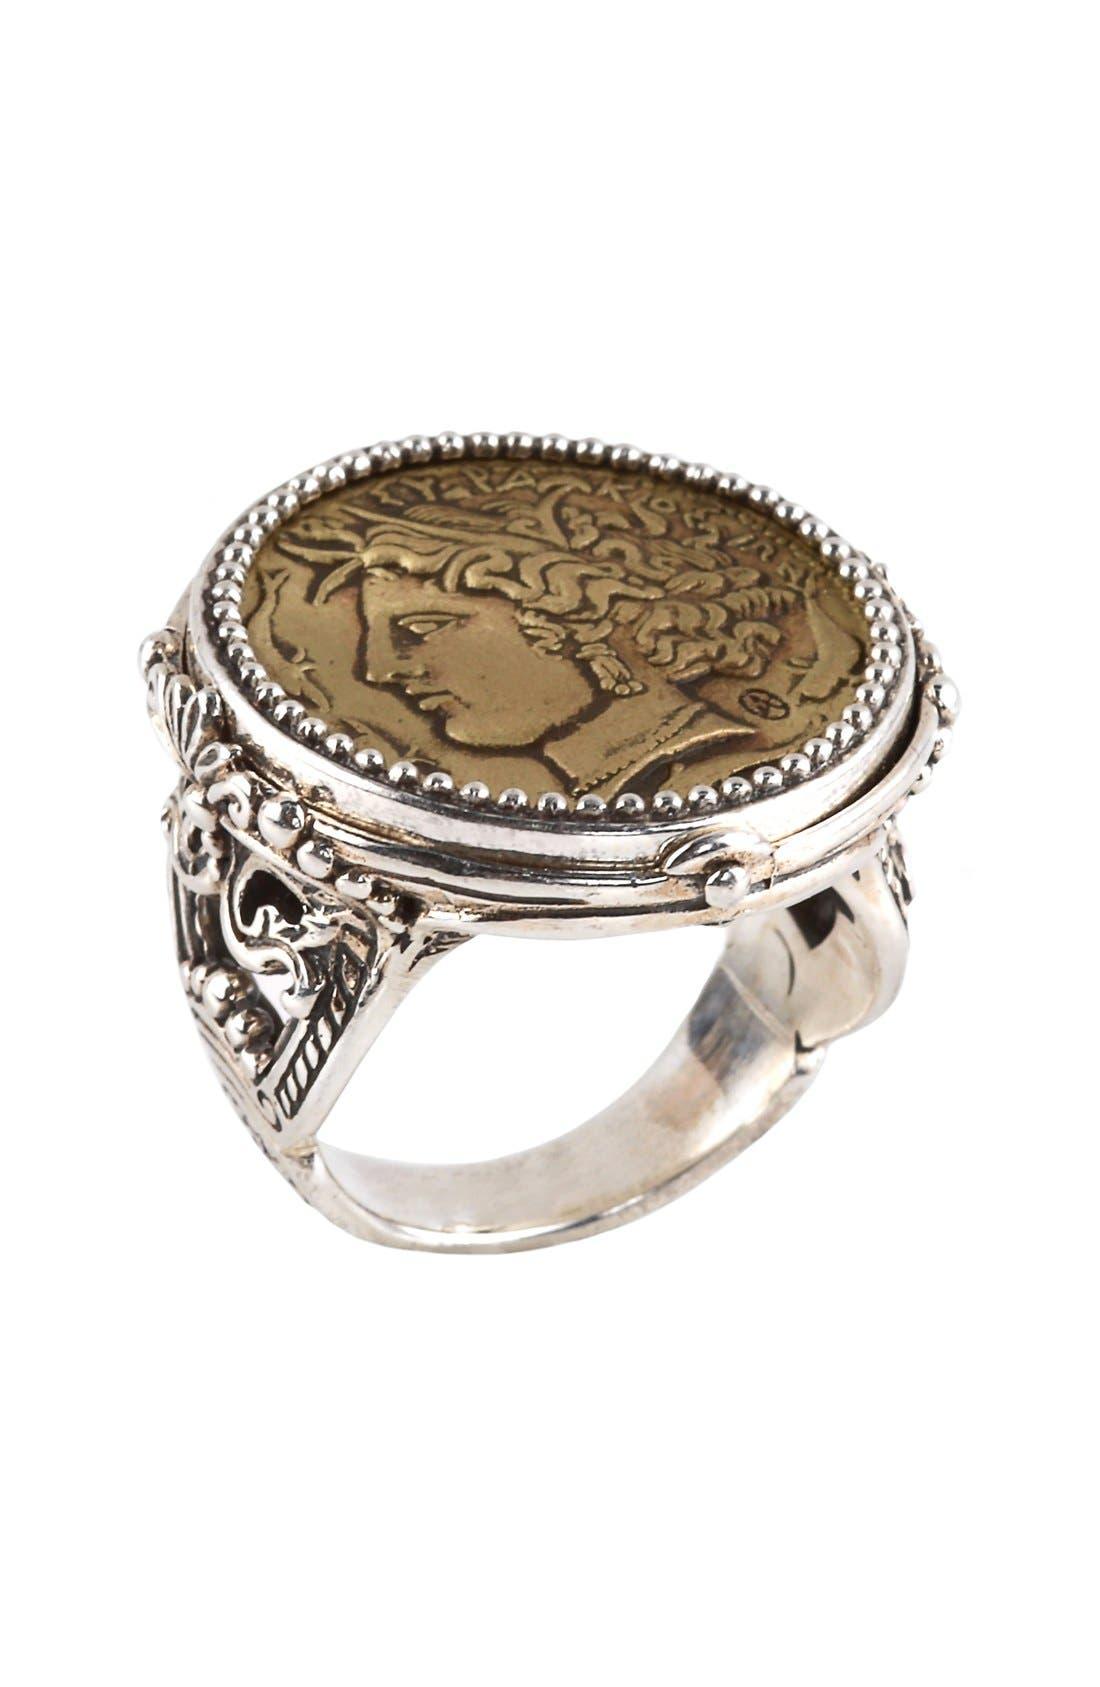 Main Image - Konstantino 'Arethusa' Coin Ring